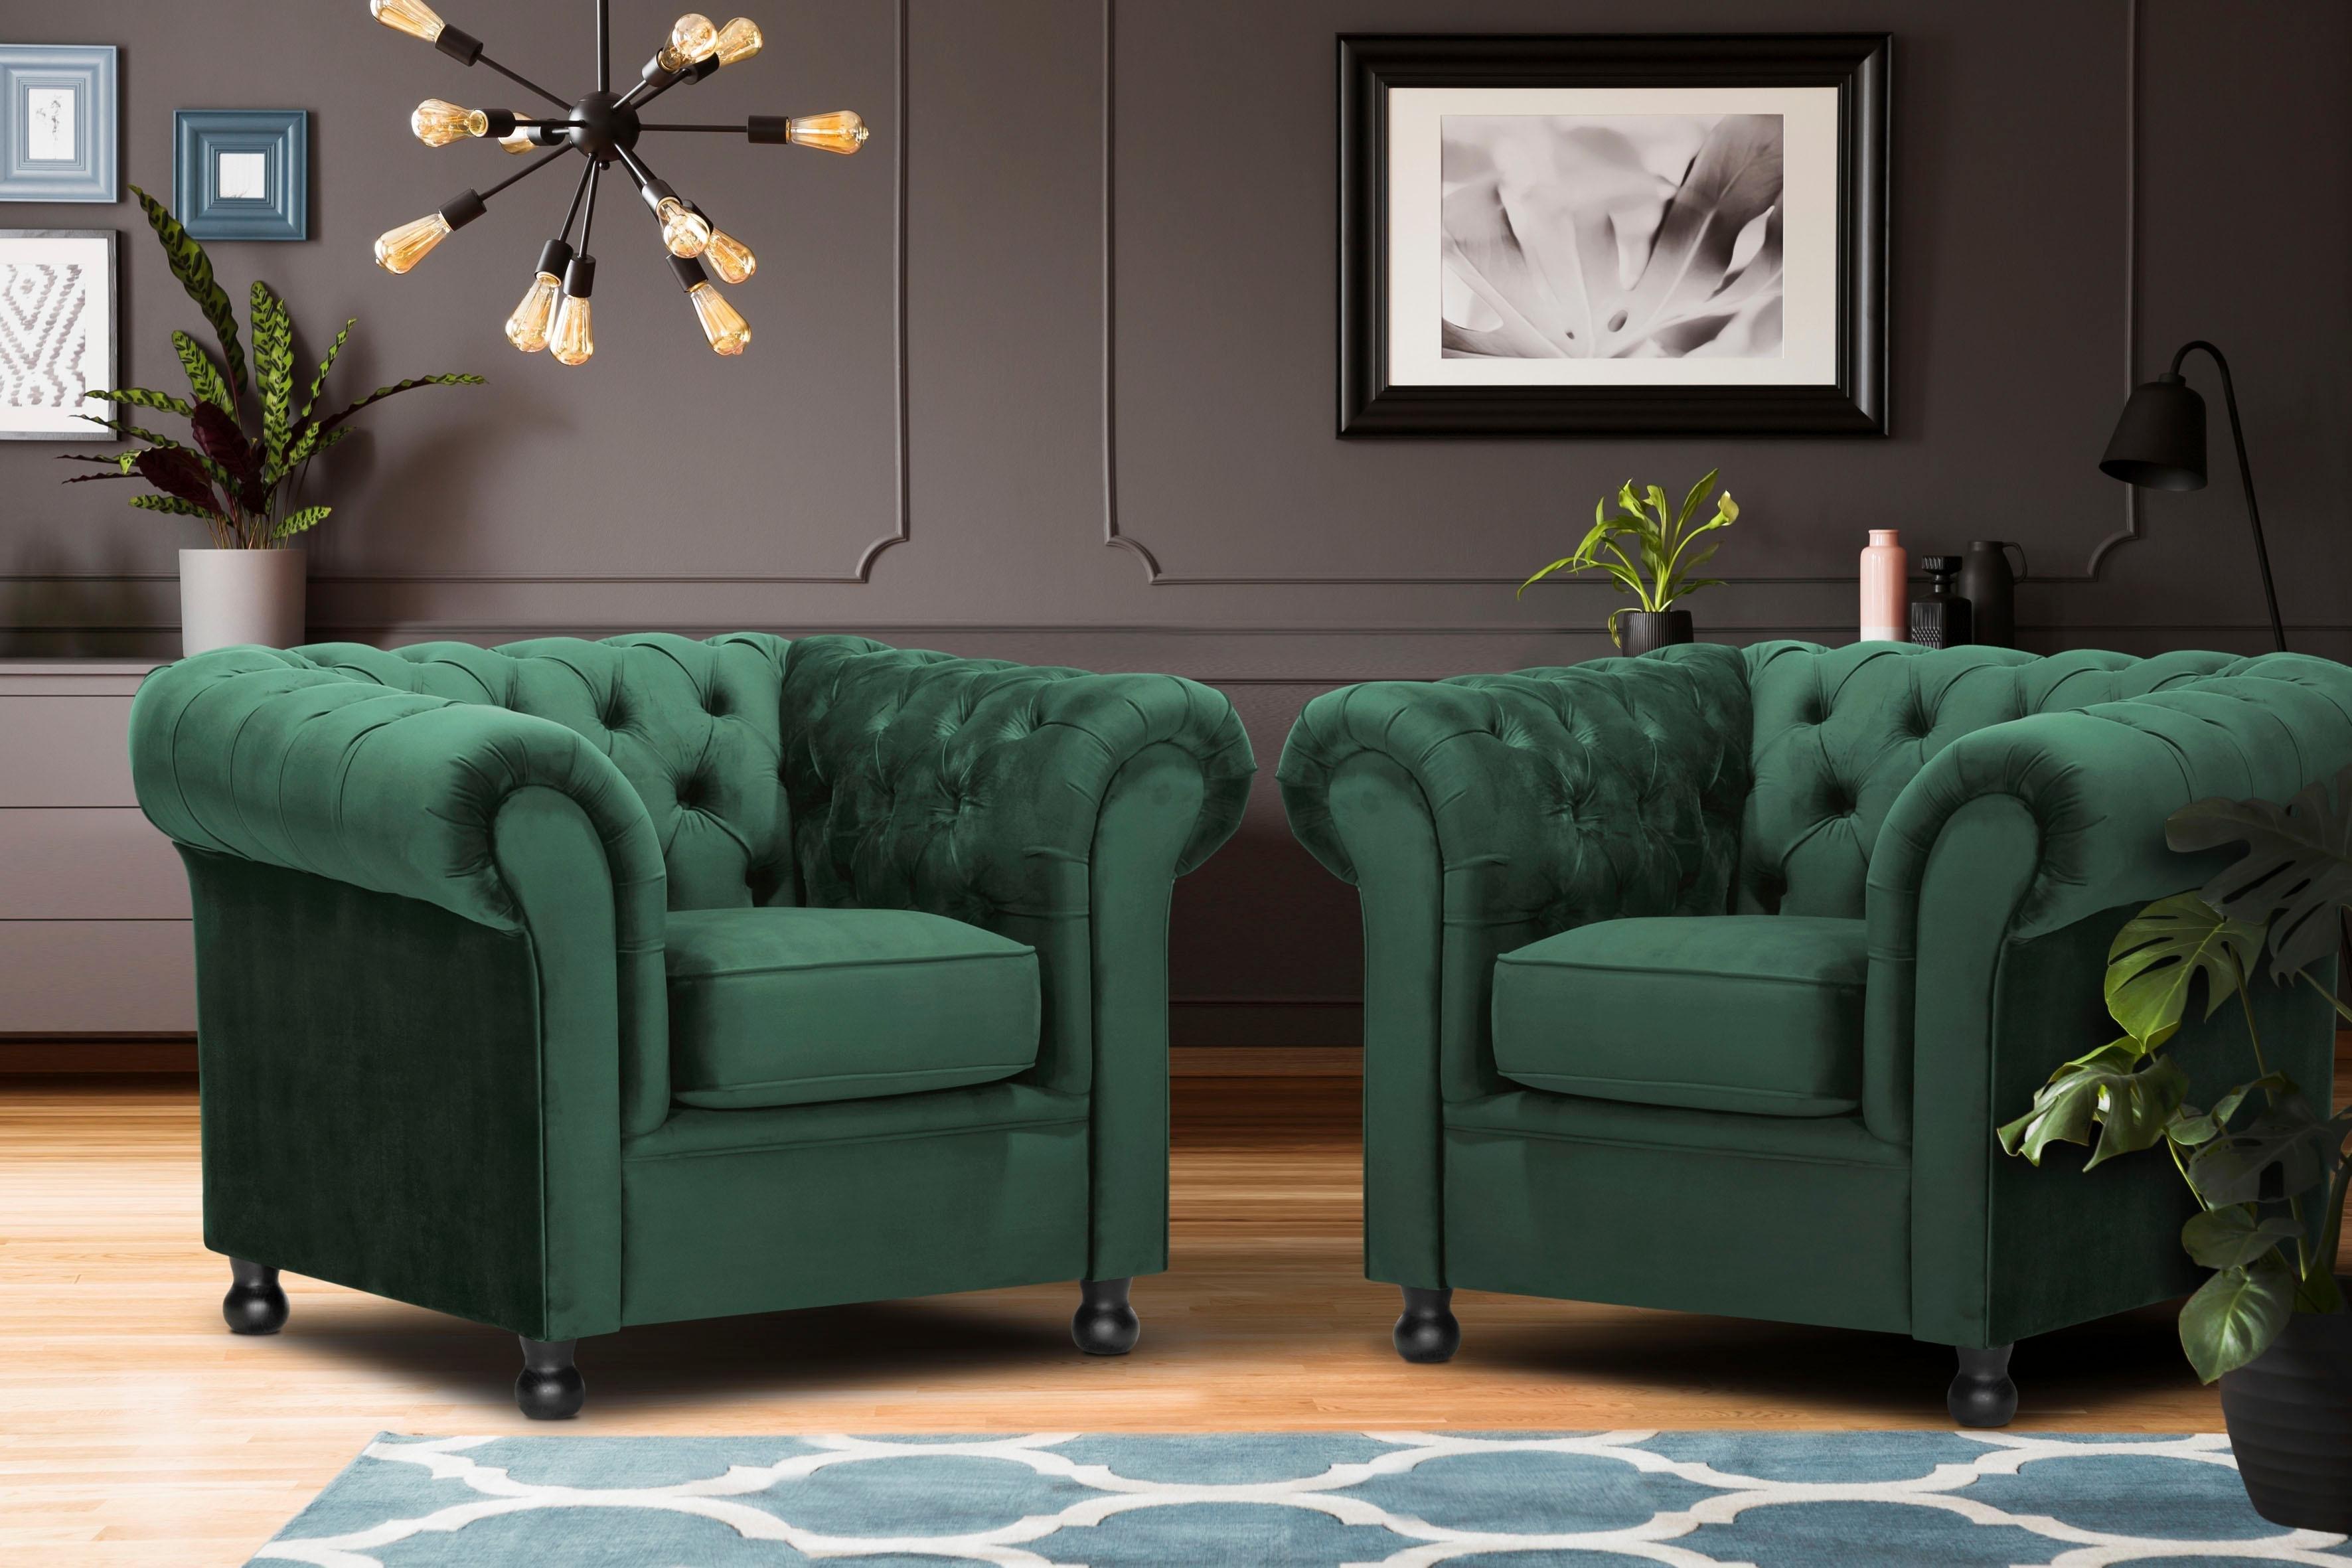 Home Affaire fauteuil »Chesterfield Home« bestellen: 30 dagen bedenktijd